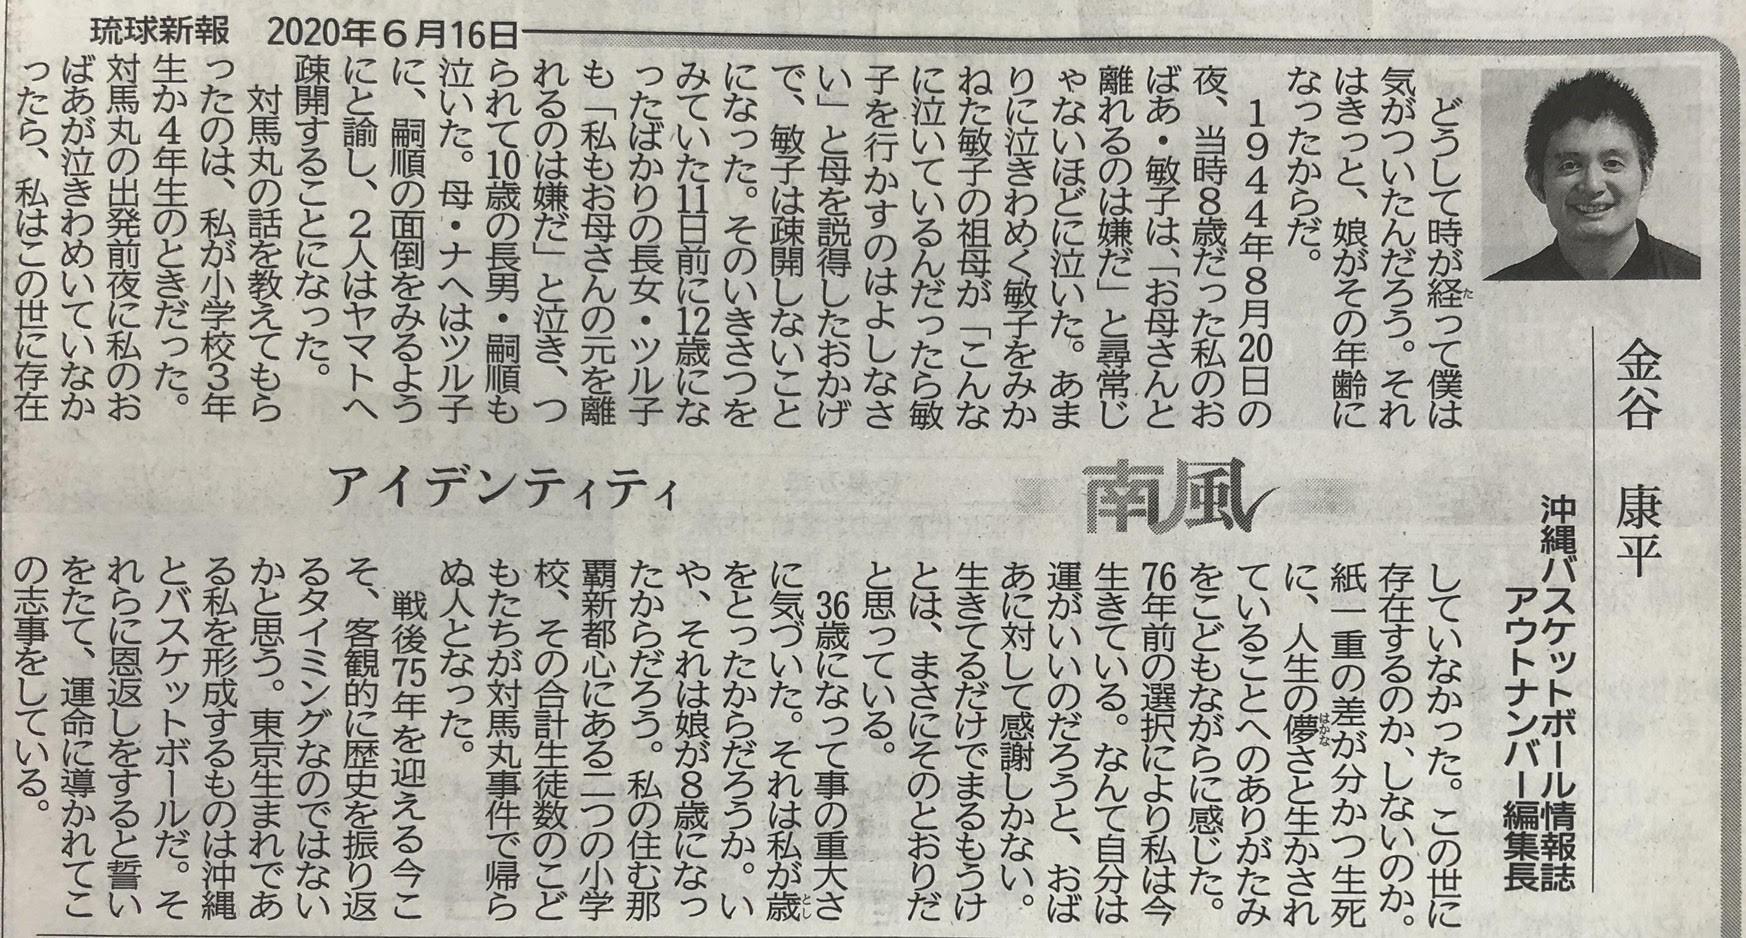 琉球新報6月16日コラム南風